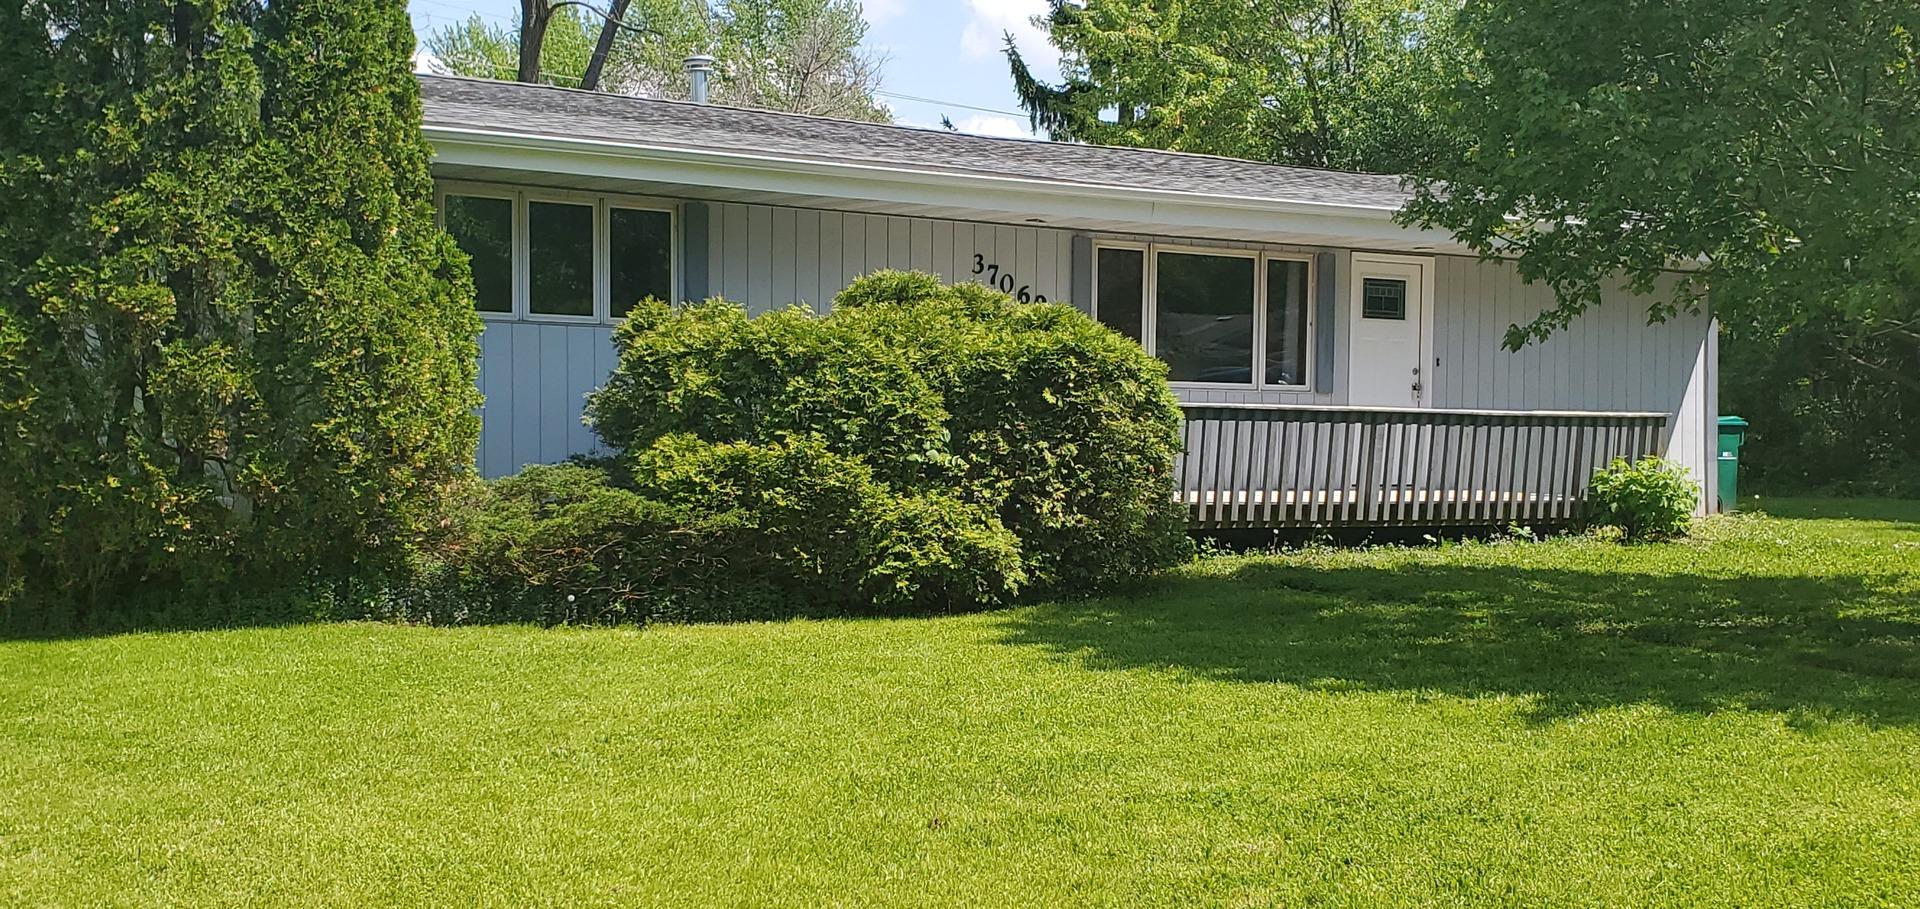 37069 North Avon, Lake Villa, Illinois, 60046